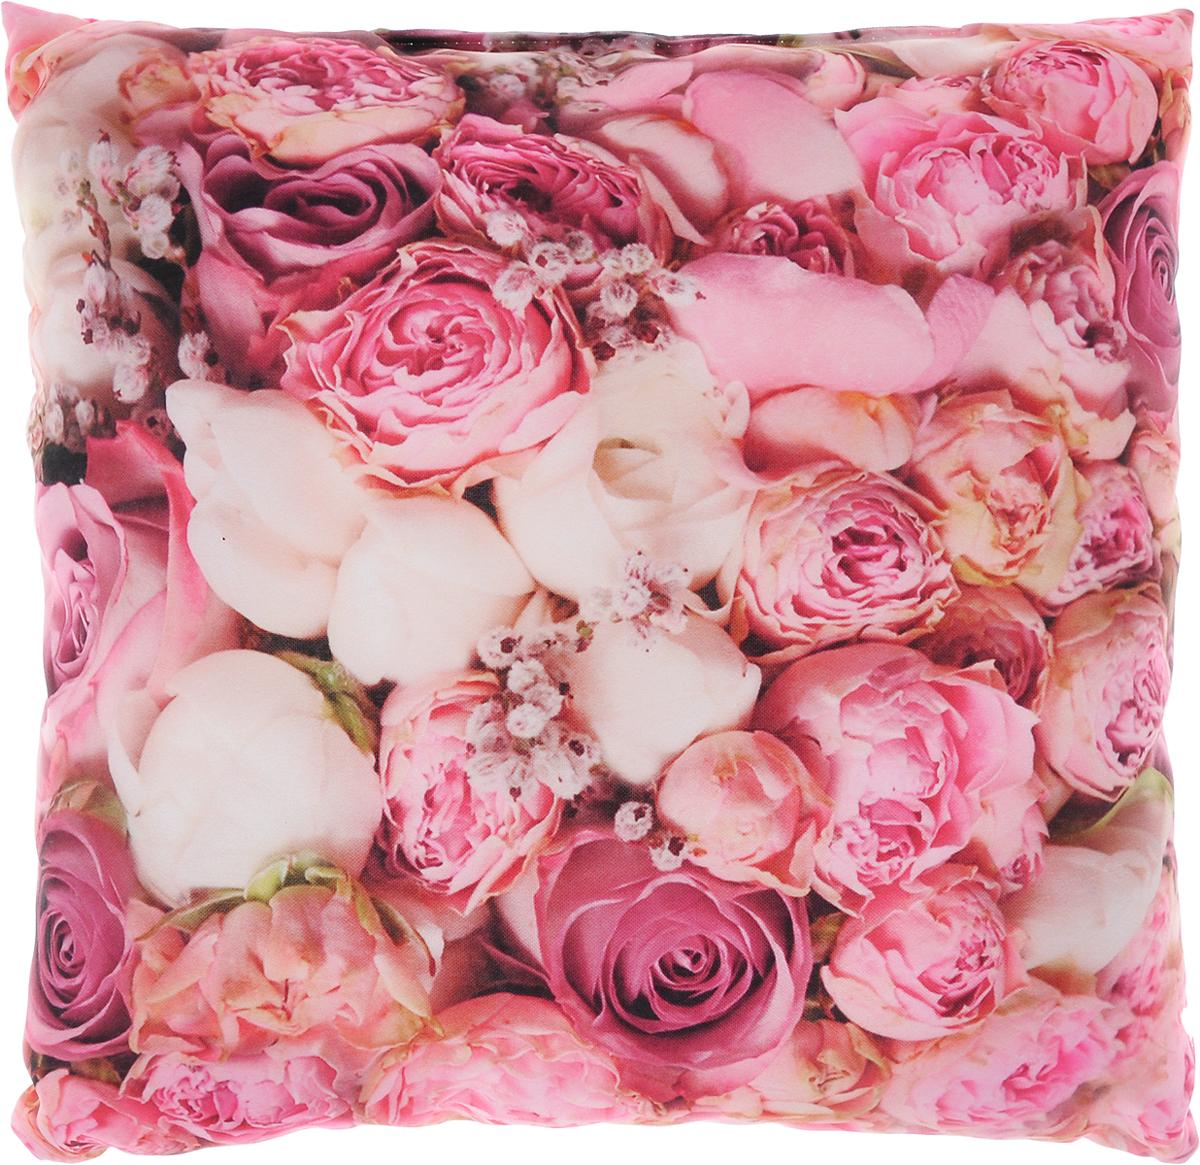 Подушка декоративная Сирень Очарование, 40 х 40 см8812Декоративная подушка Сирень Очарование, изготовленная из габардина (100% полиэстер), прекрасно дополнит интерьер спальни или гостиной. Подушка оформлена красочным изображением цветов. Внутри - мягкий наполнитель из холлофайбера (100% полиэстер). Красивая подушка создаст атмосферу тепла и уюта в спальне и станет прекрасным элементом декора.